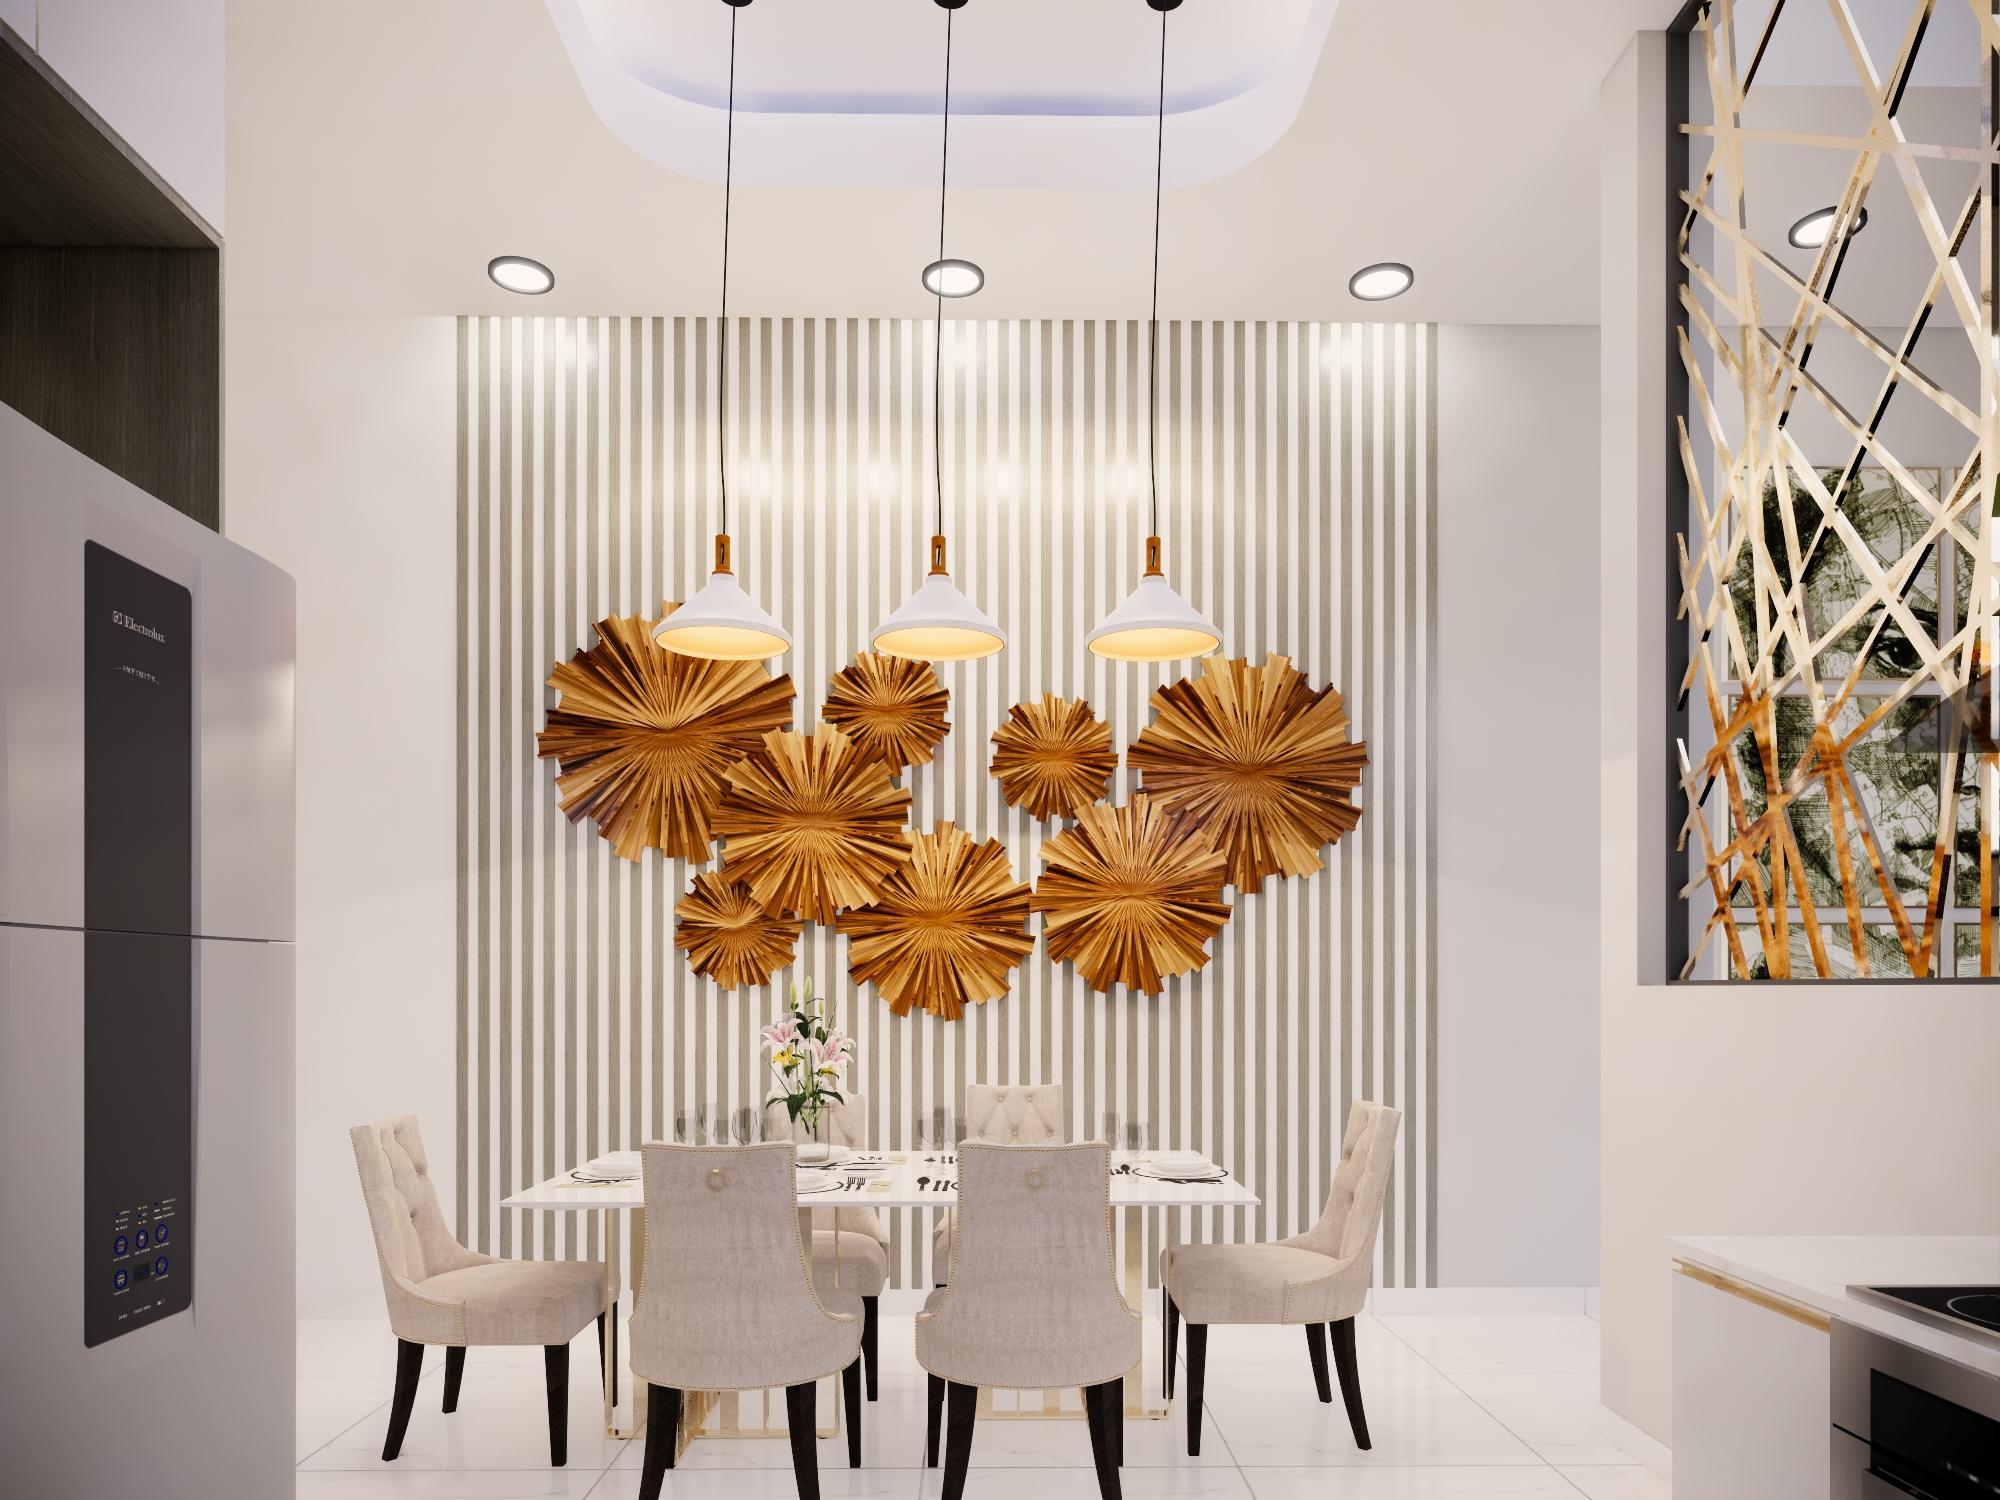 Thiết kế nội thất Nhà tại Bình Thuận NHÀ PHỐ I TRẦN THỊ PHƯƠNG LAN 1574139985 4